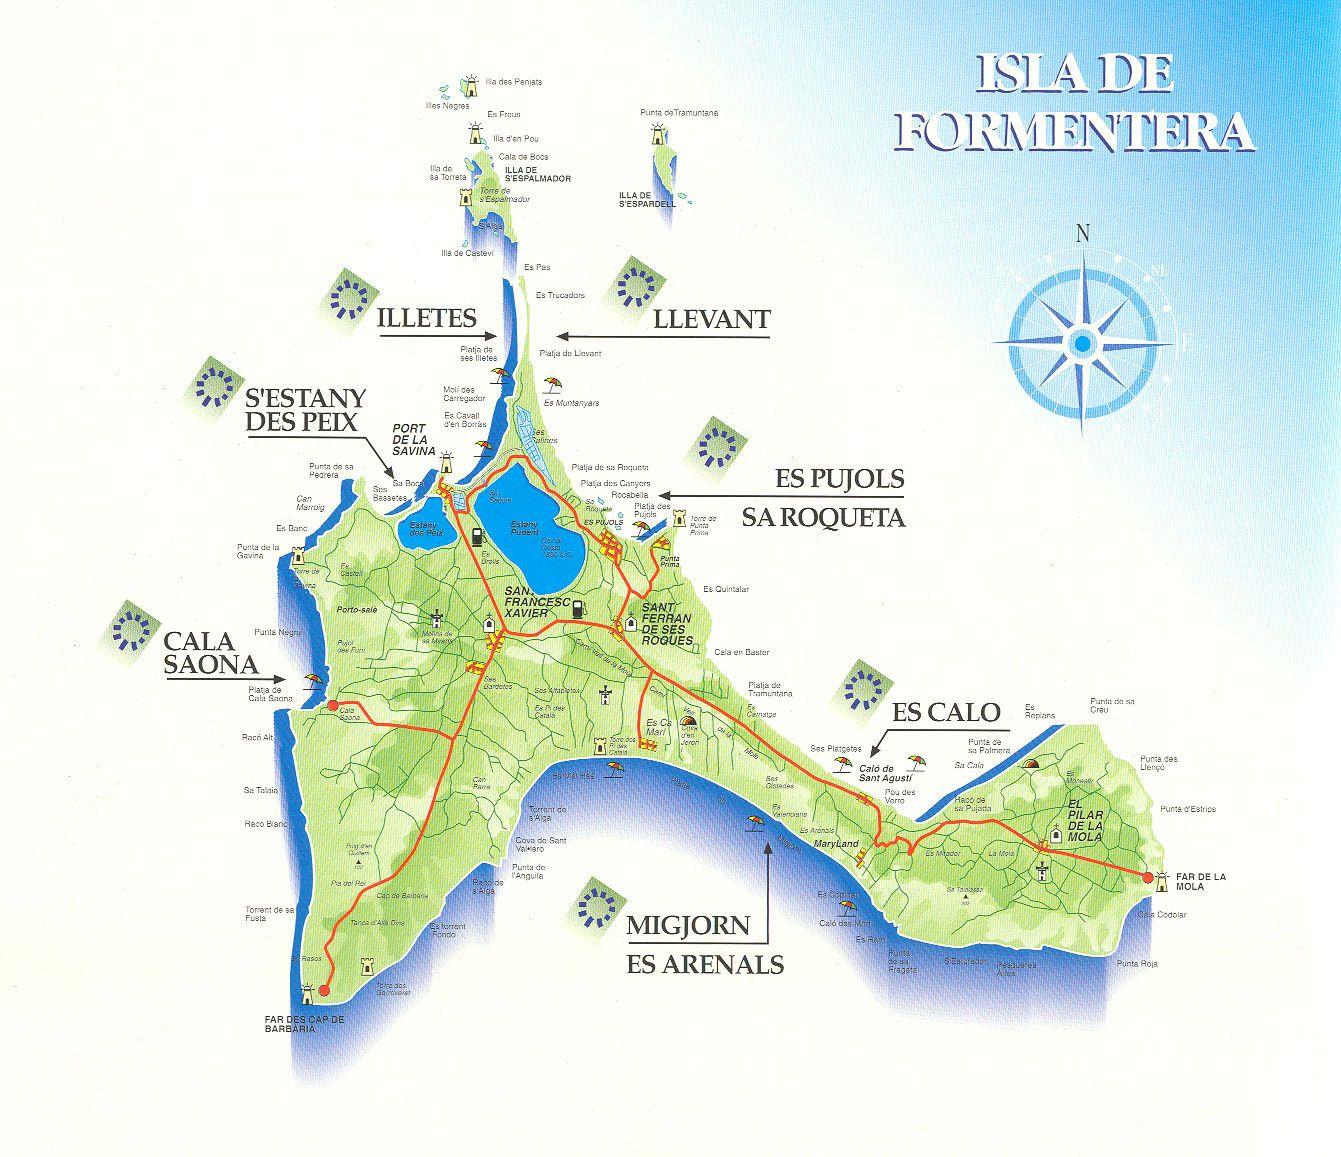 Cartina Geografica Spagna E Formentera.Benvenuti A Formentera Vacanze Estate 2014 Mappe Vacanze Viaggi